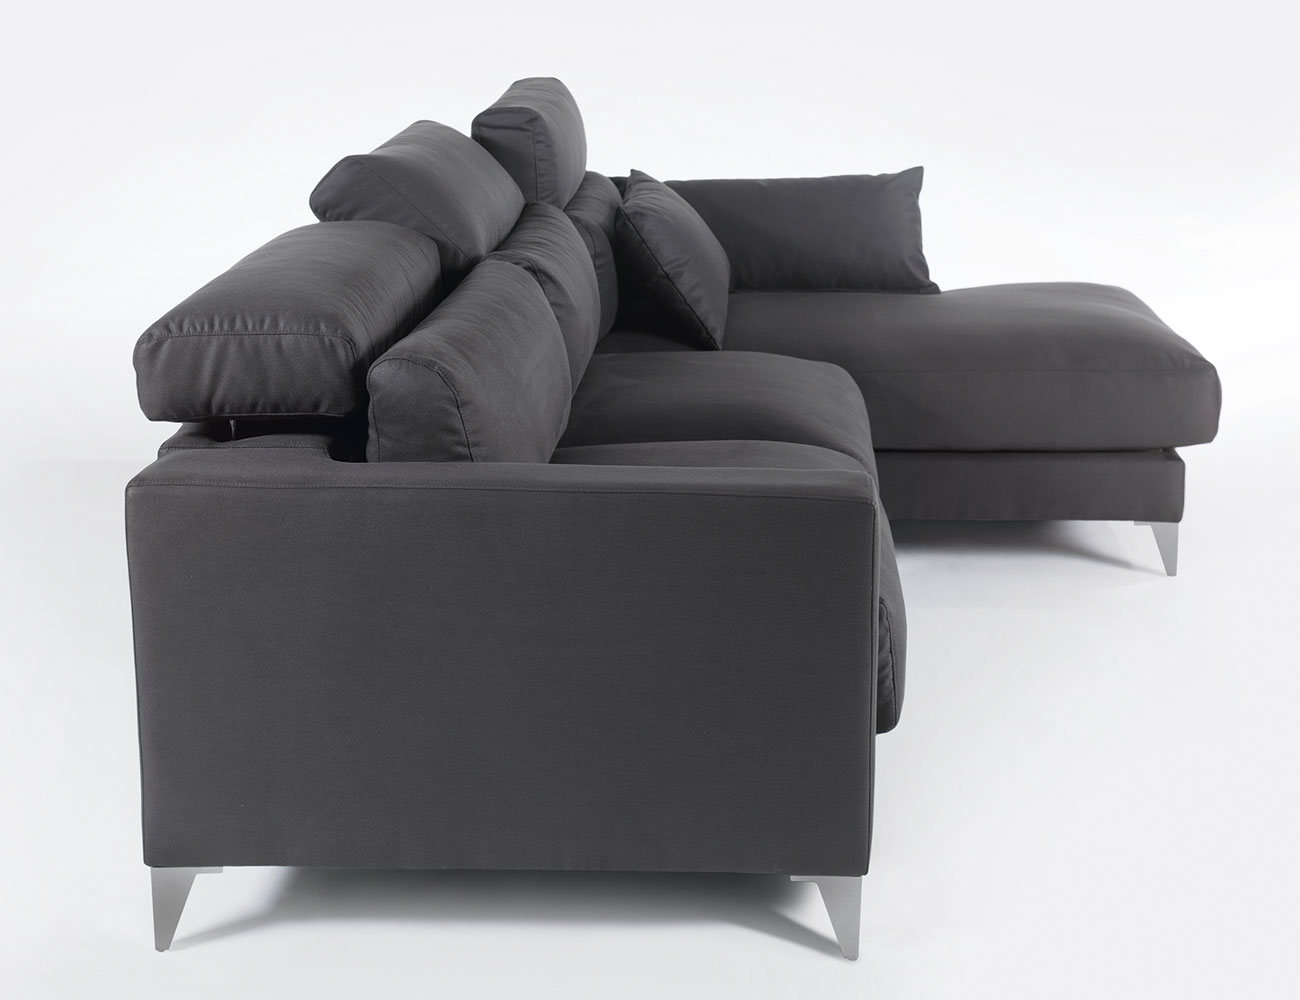 Sofa chaiselongue gran lujo decorativo grafito 114